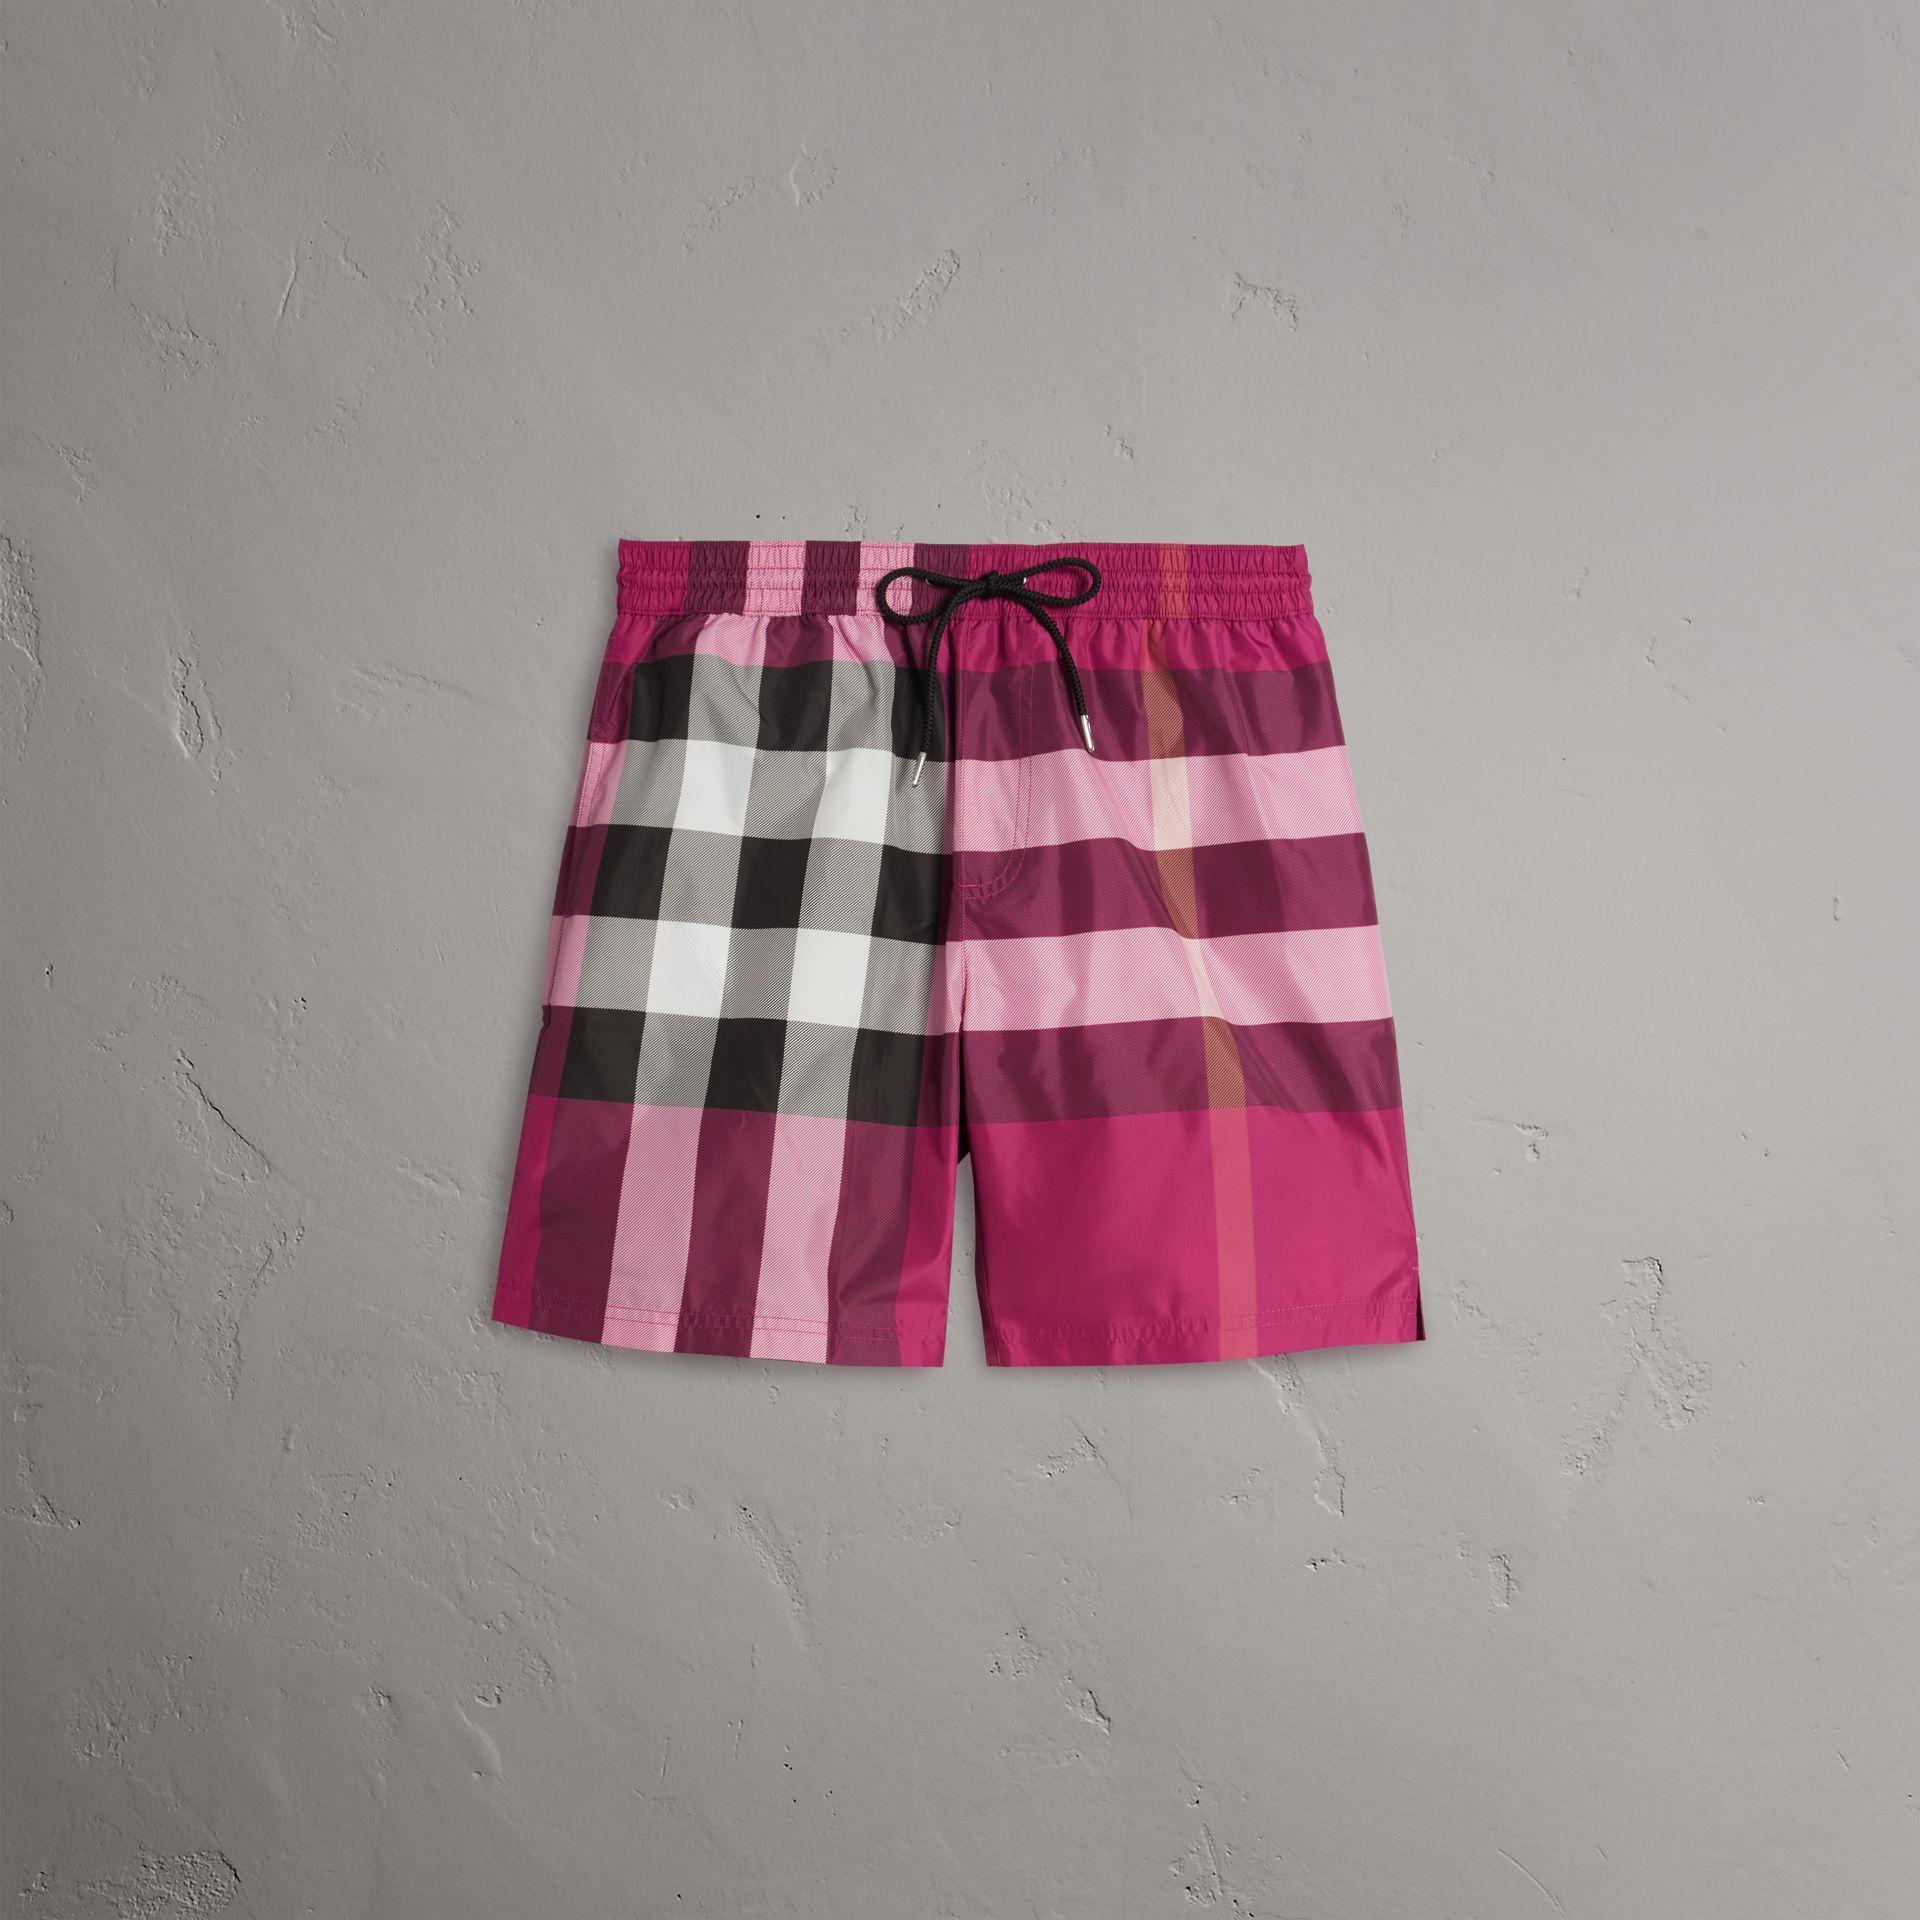 887ce54f0b550 Burberry Check Drawcord Swim Shorts In Bright Fuschia   ModeSens